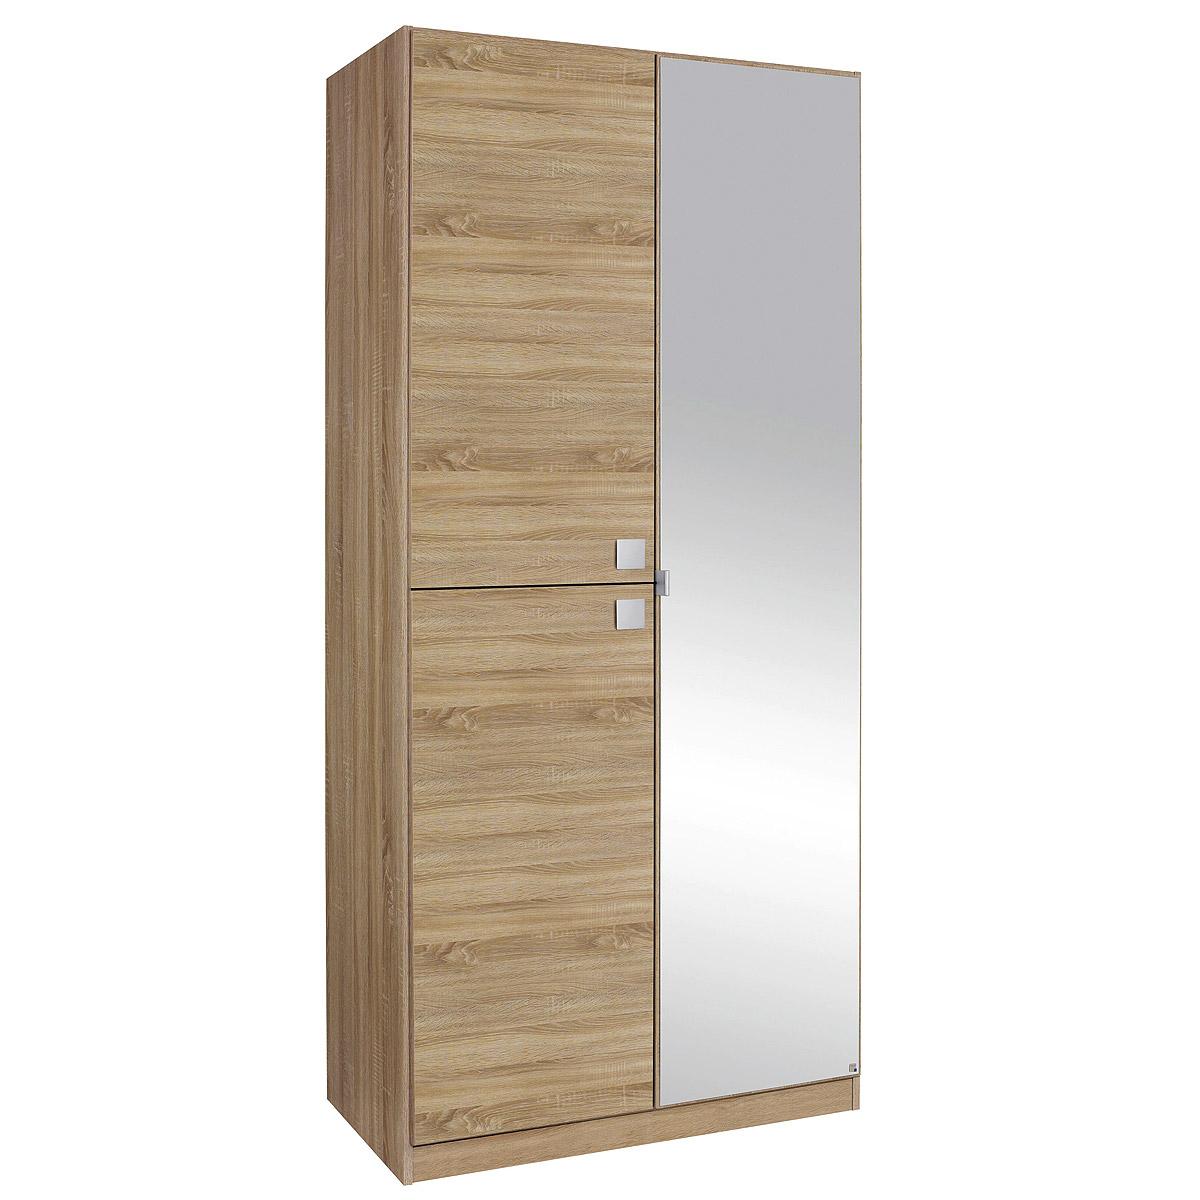 Kleiderschrank caria schrank eiche sonoma mit spiegel b 91 cm for Schrank eiche sonoma